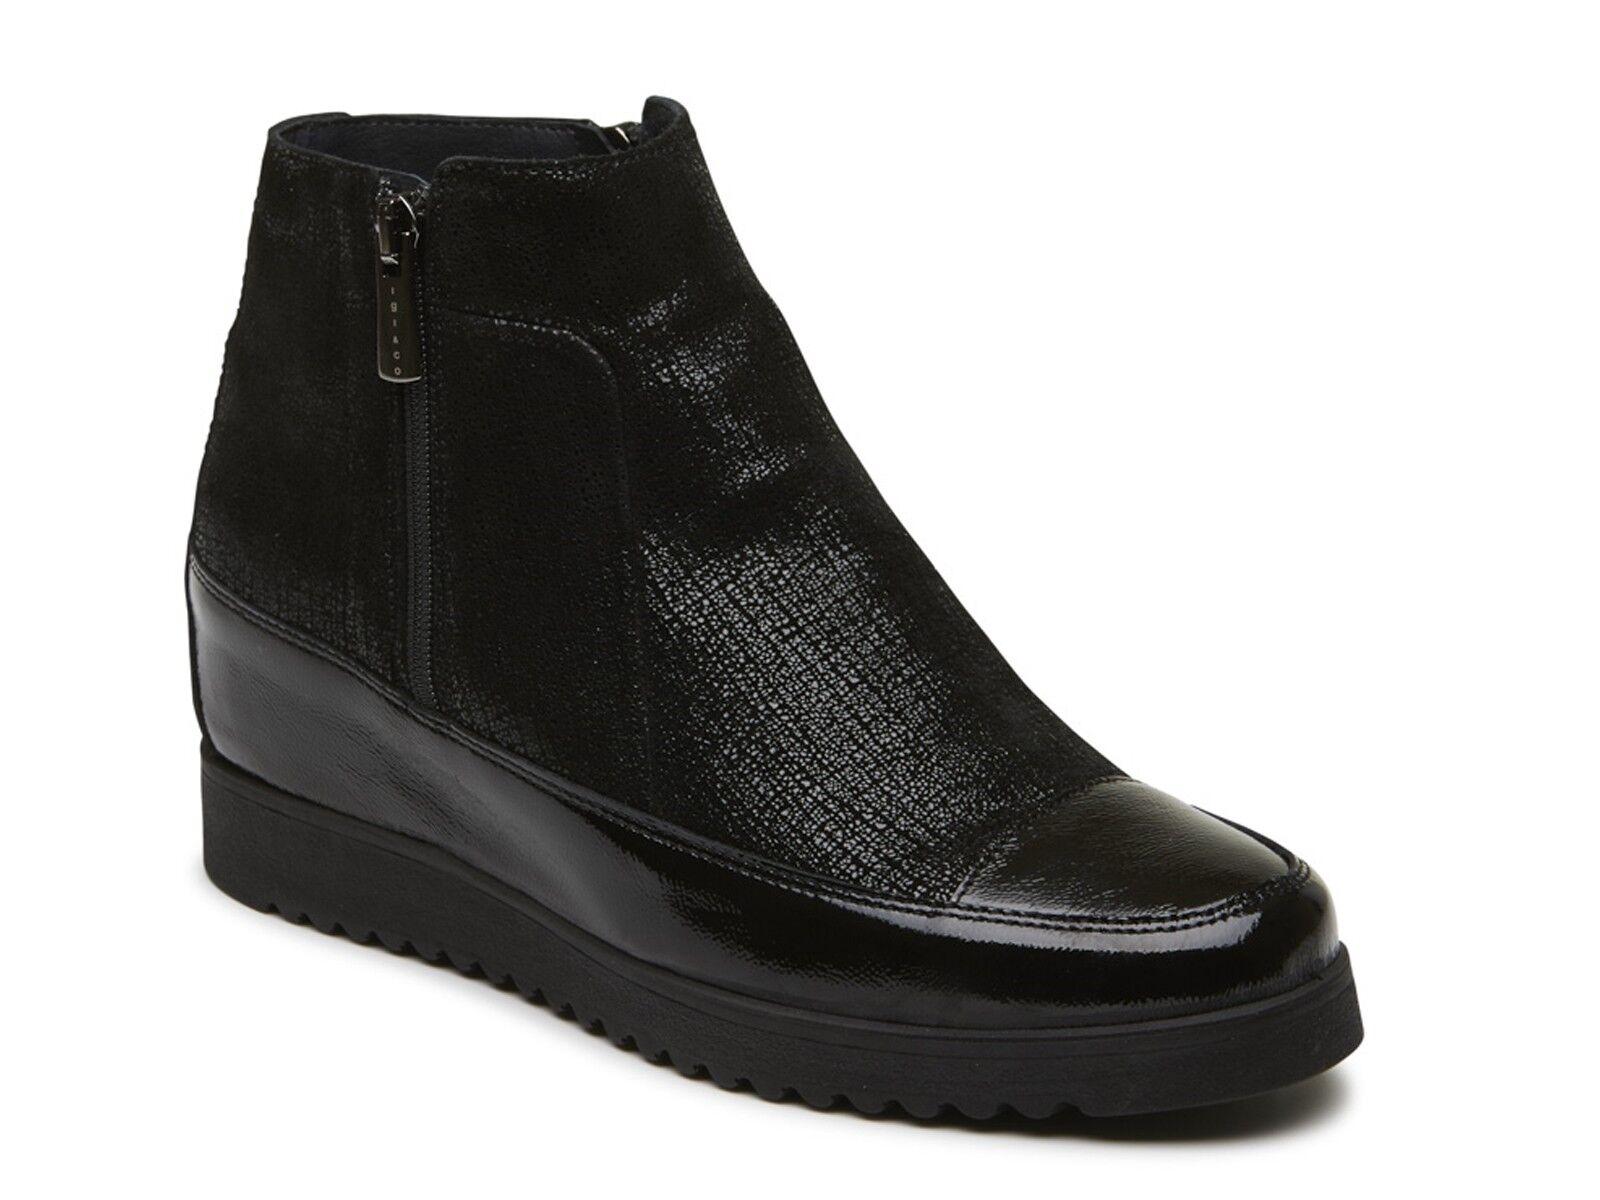 zapatos mujer IGI&CO IGI&CO IGI&CO INVERNO 2161000  STIVALETTI CON ZEPPA INTERNA negro  producto de calidad